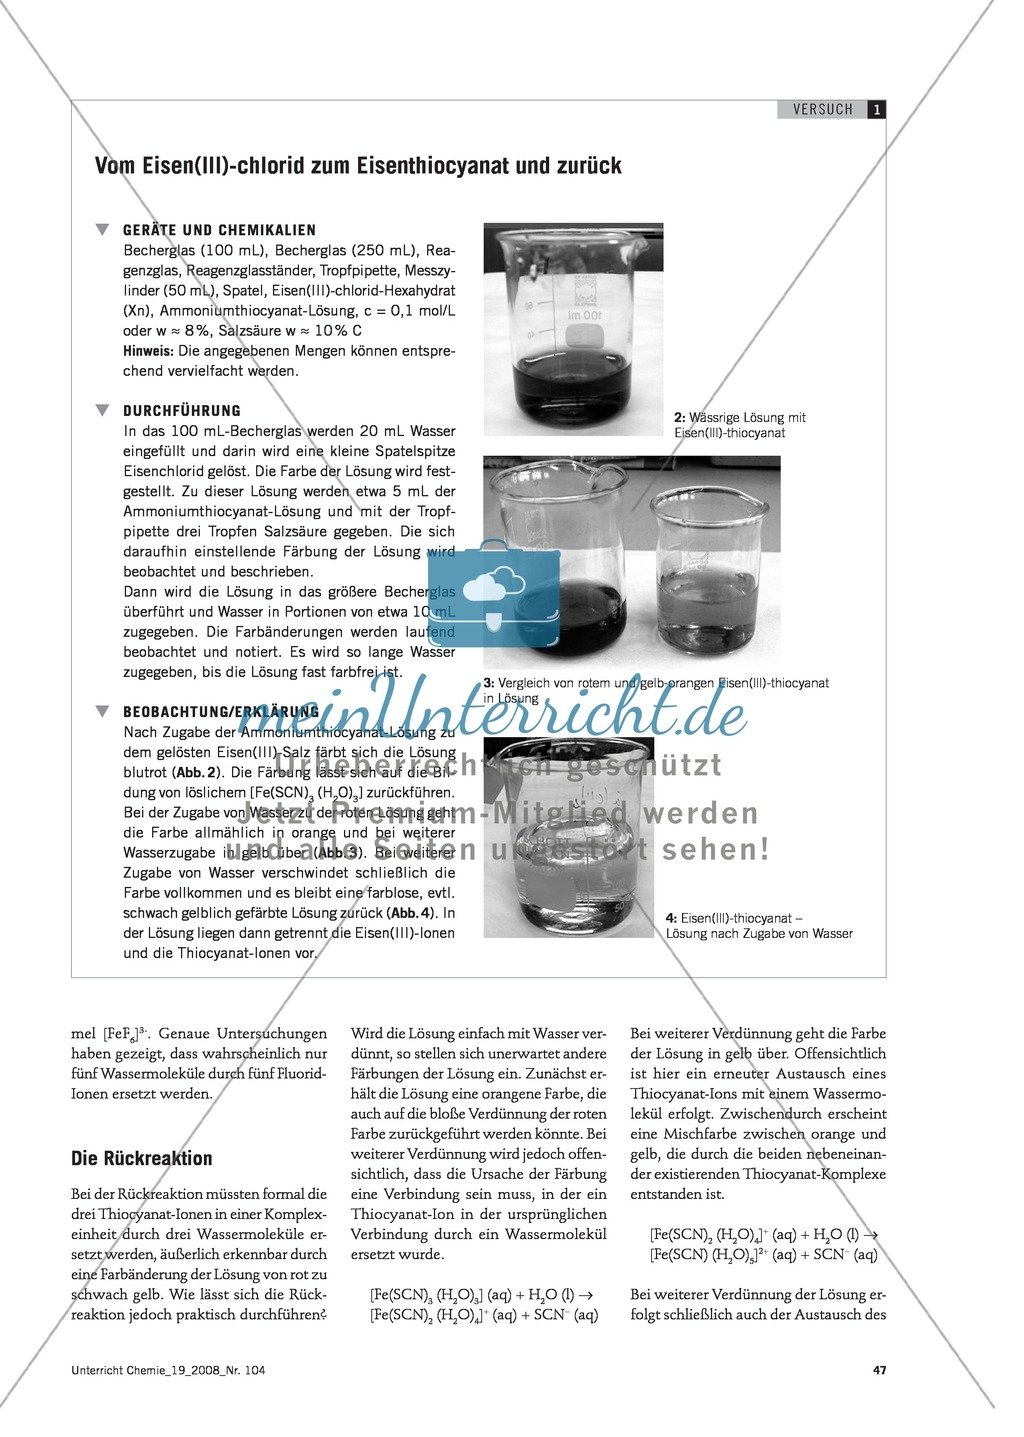 Vom Eisen(lll)-chlorid zum Eisenthiocyanat und zurück -  ein Reaktionsgleichgewicht Preview 1